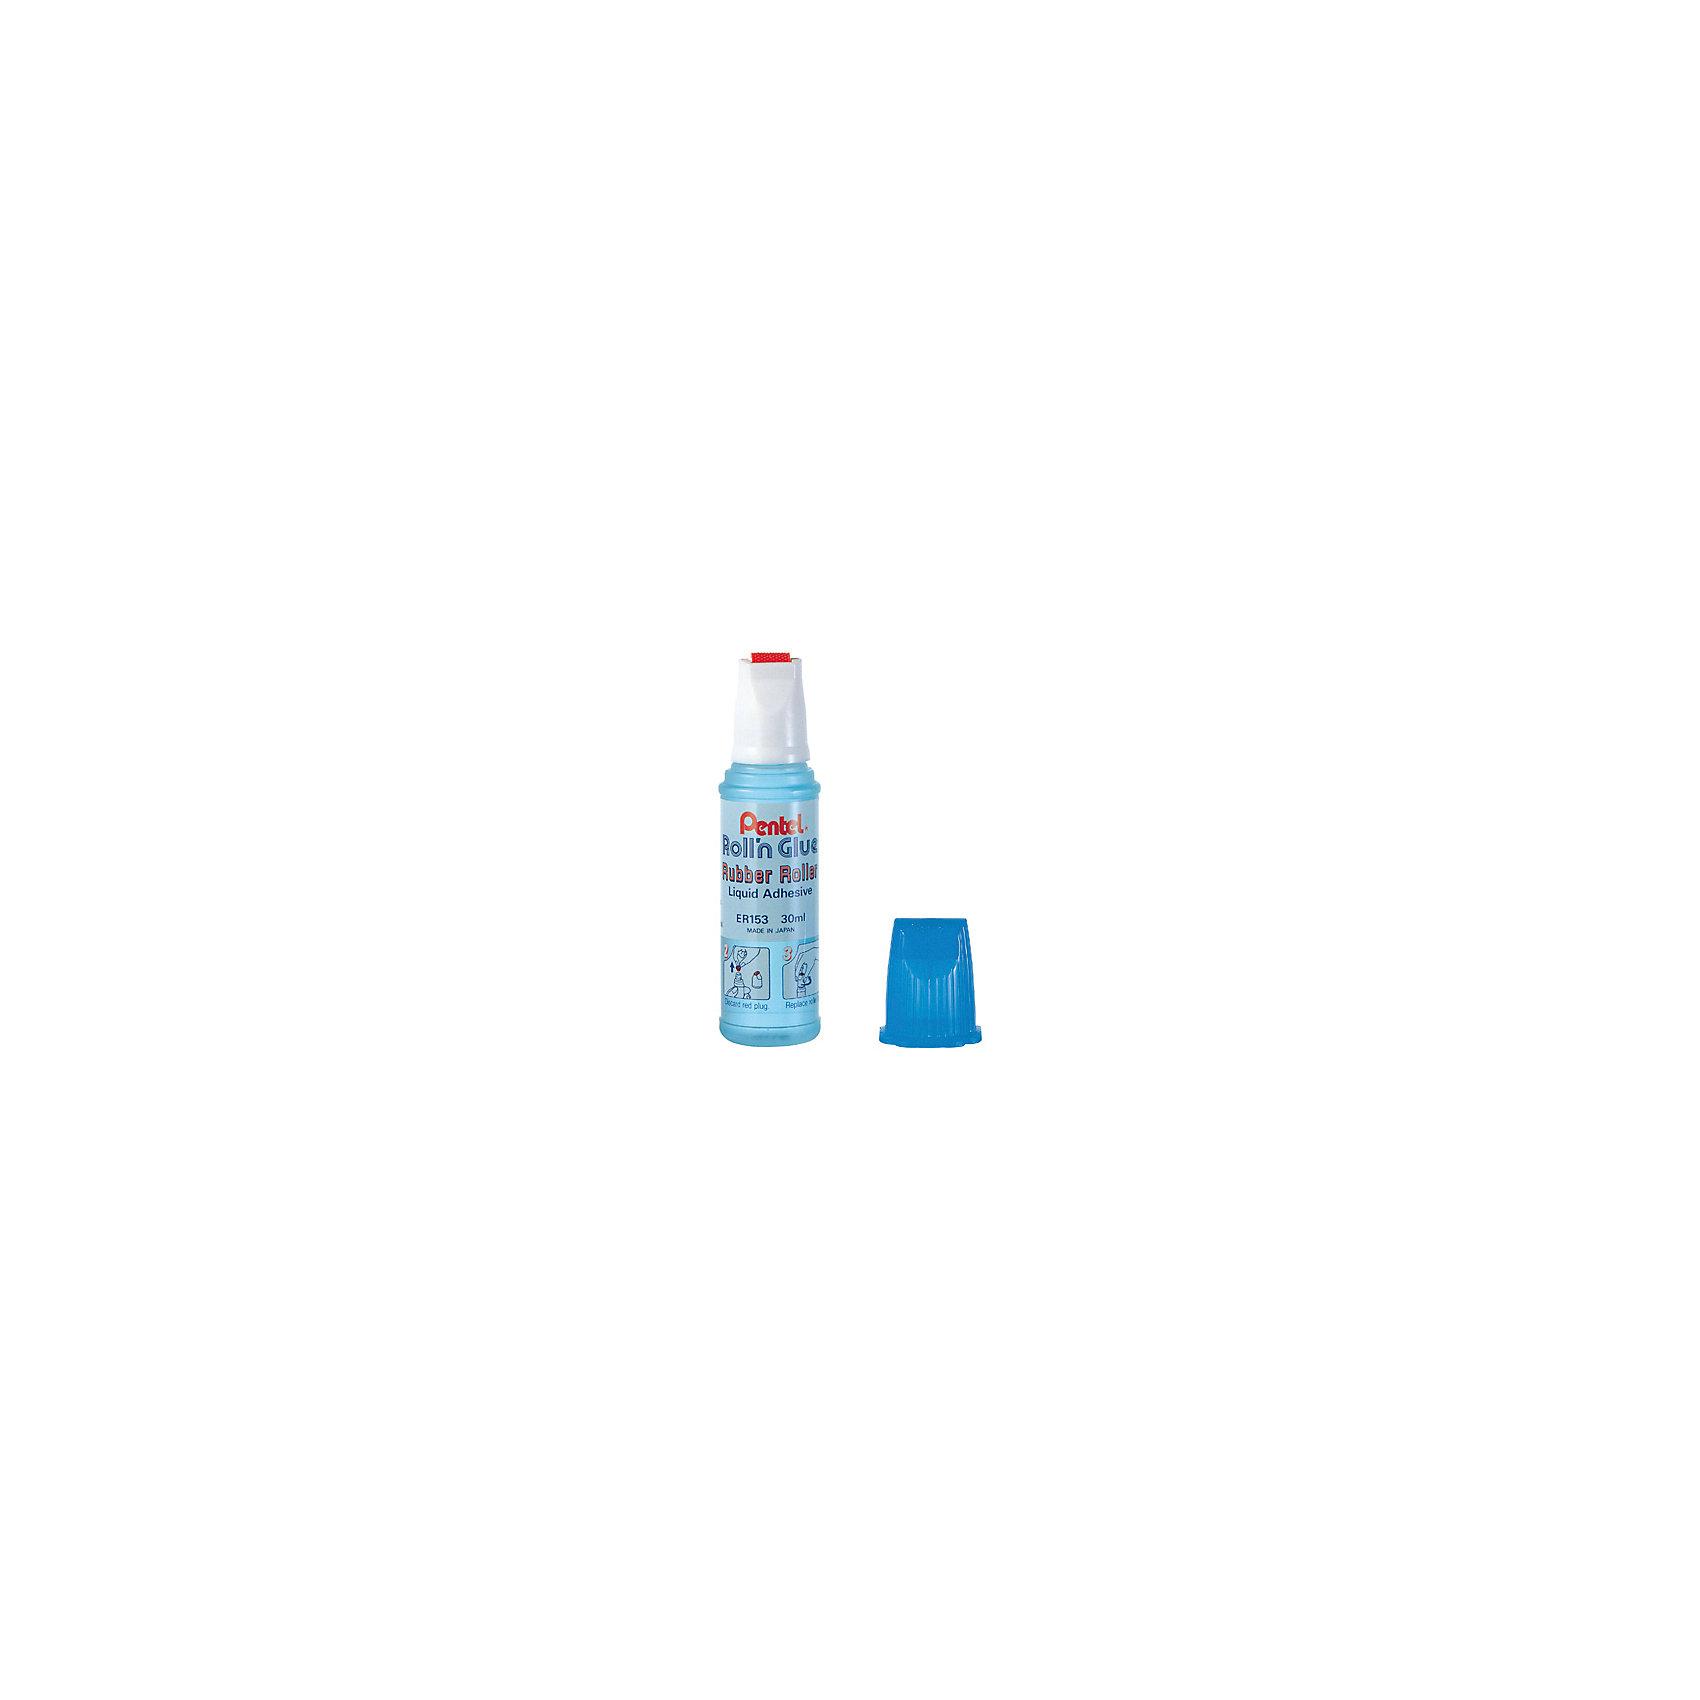 Клей роликовый  ROLLN GLUE , 30 мл PentelШкольные аксессуары<br>Характеристики:<br><br>• возраст: от 6 лет<br>• объем: 30 мл.<br>• ширина клеевой линии: 1 см.<br>• вид аппликатора: роллер<br>• материал корпуса: пластик<br><br>Клей «Rolln Glue» прекрасно подходит для бумаги, картона, ткани. Не желтеет, не деформирует поверхность. Рифленый ролик равномерно подает клей. Без запаха, не токсичен.<br><br>Клей роликовый ROLLN GLUE, 30 мл Pentel (Пентел) можно купить в нашем интернет-магазине.<br><br>Ширина мм: 26<br>Глубина мм: 26<br>Высота мм: 100<br>Вес г: 55<br>Возраст от месяцев: 72<br>Возраст до месяцев: 2147483647<br>Пол: Унисекс<br>Возраст: Детский<br>SKU: 7010448